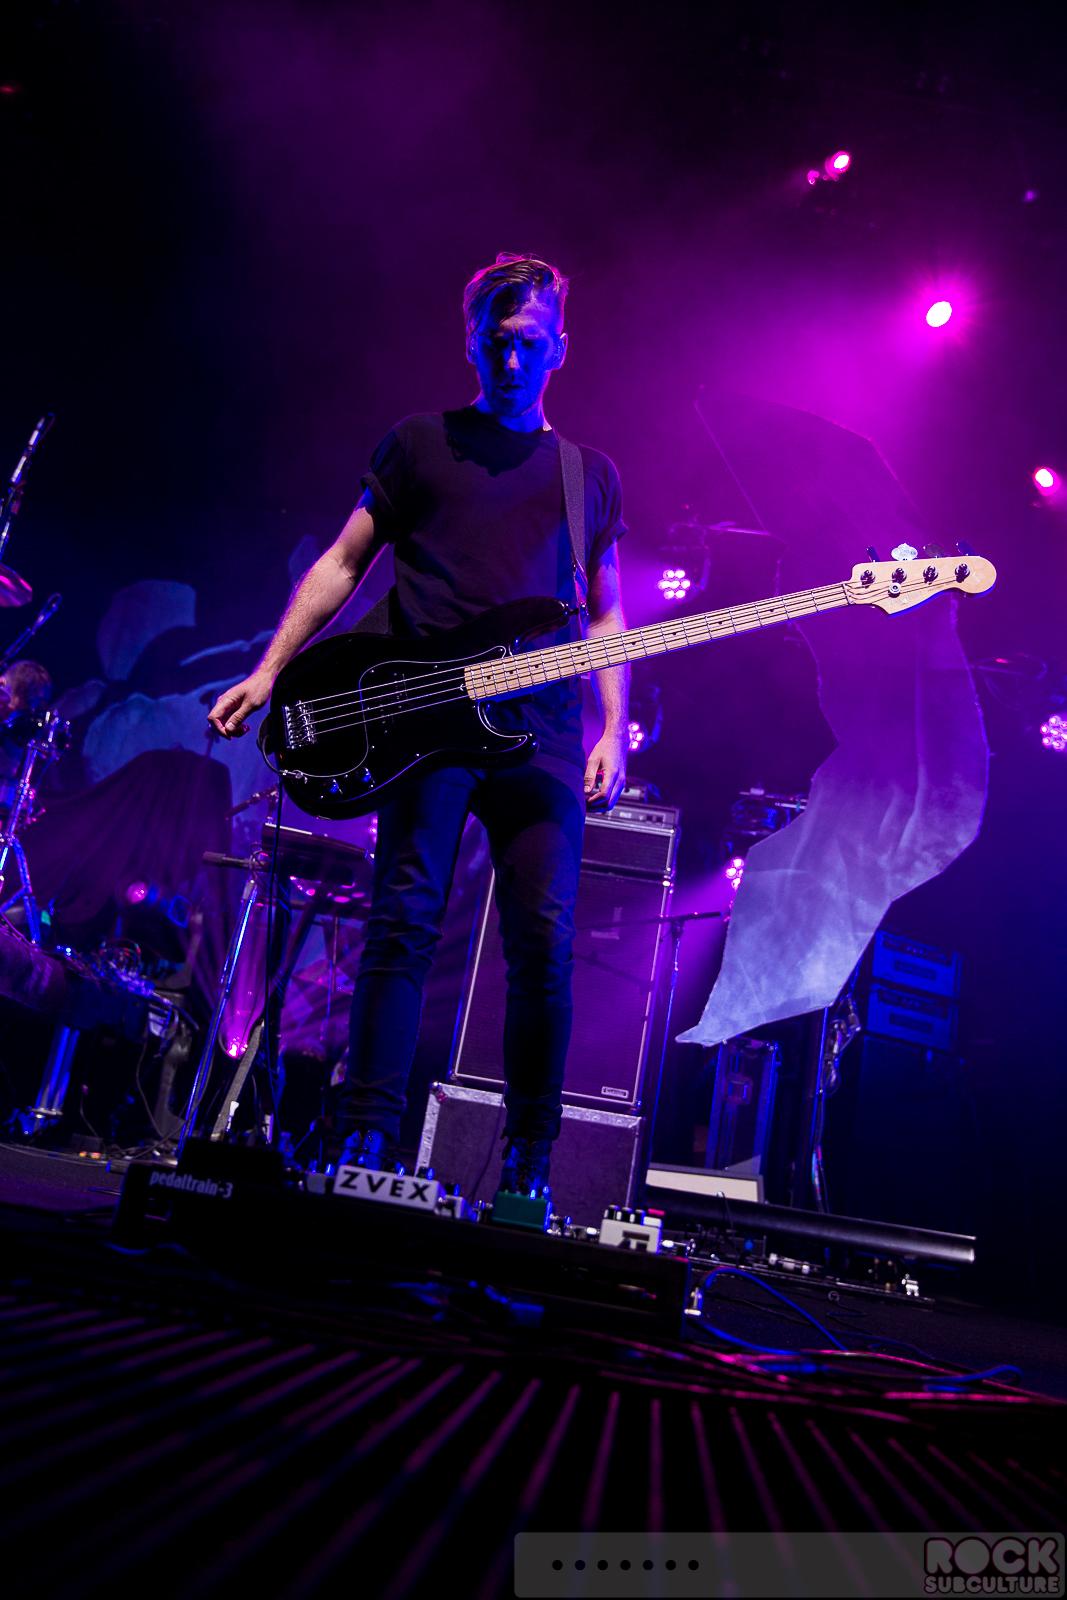 JOURNEY-ROCK-BAND-TOUR-DATES-2015-CONCERT-New-Men-039-s-Black-T-Shirt ...